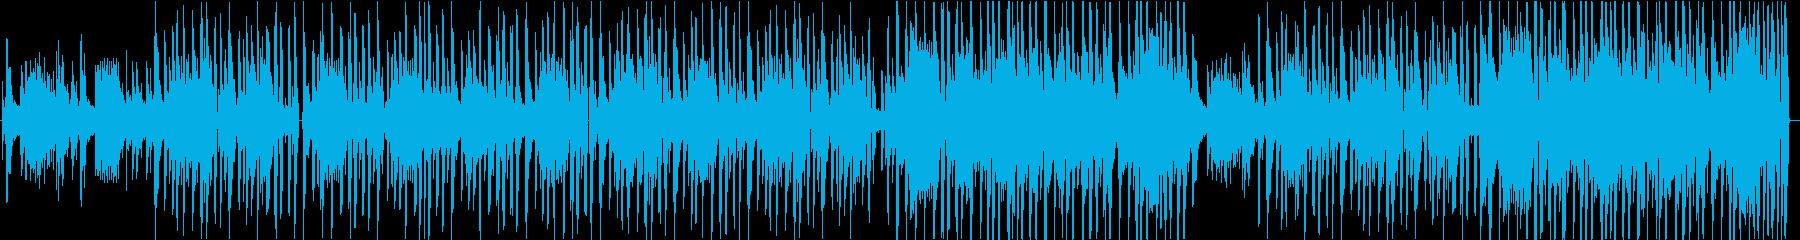 ジャジーなローファイヒップホップの再生済みの波形